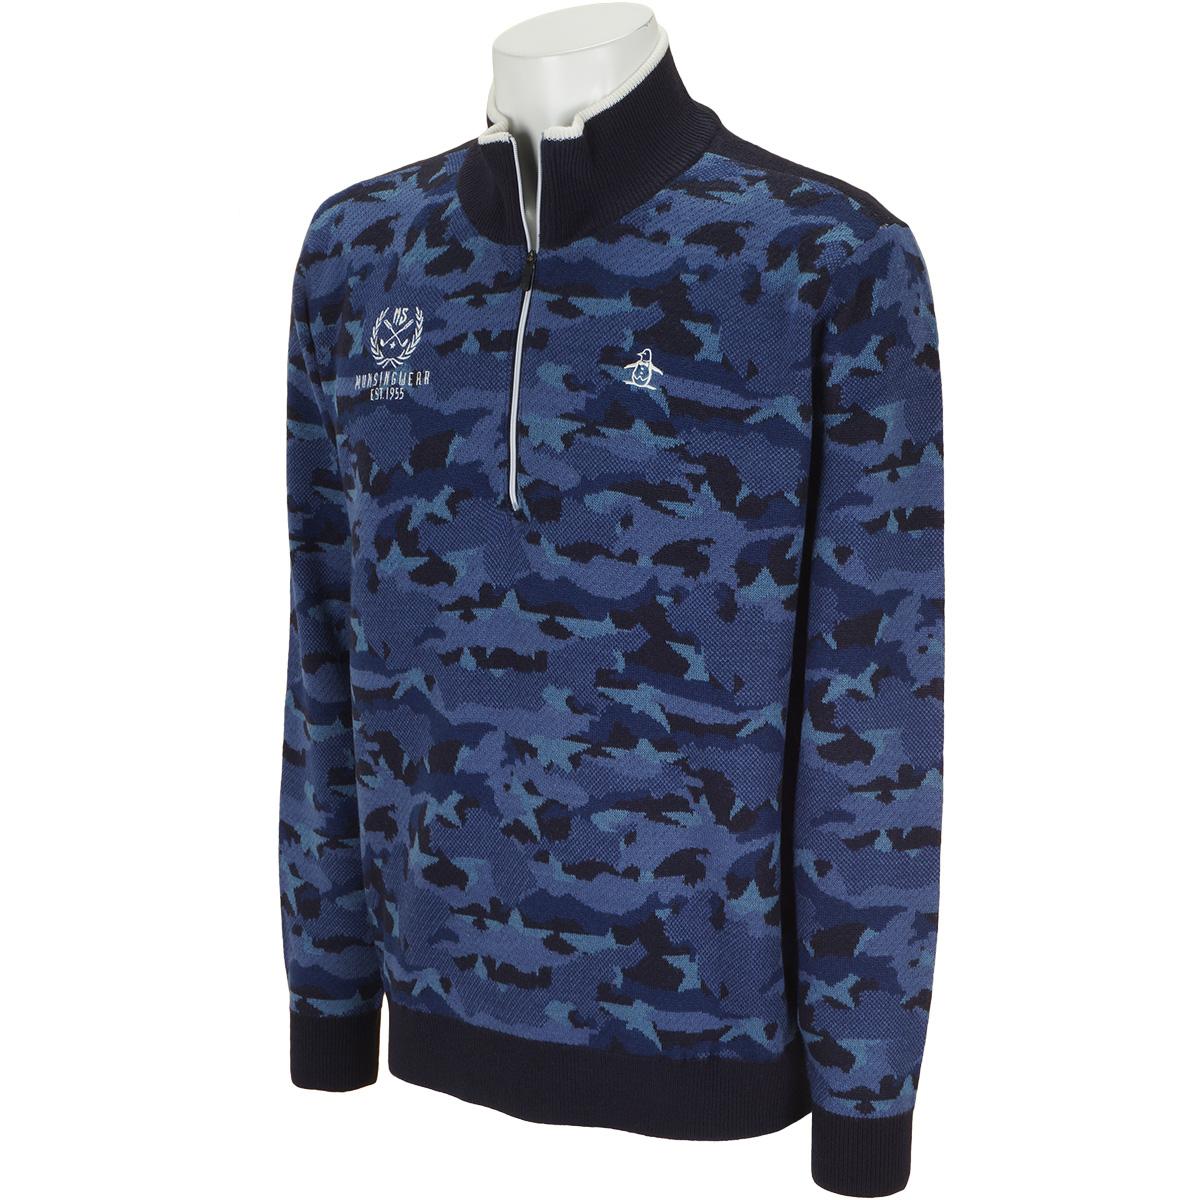 スターカモフラ 防風ハーフジップセーター